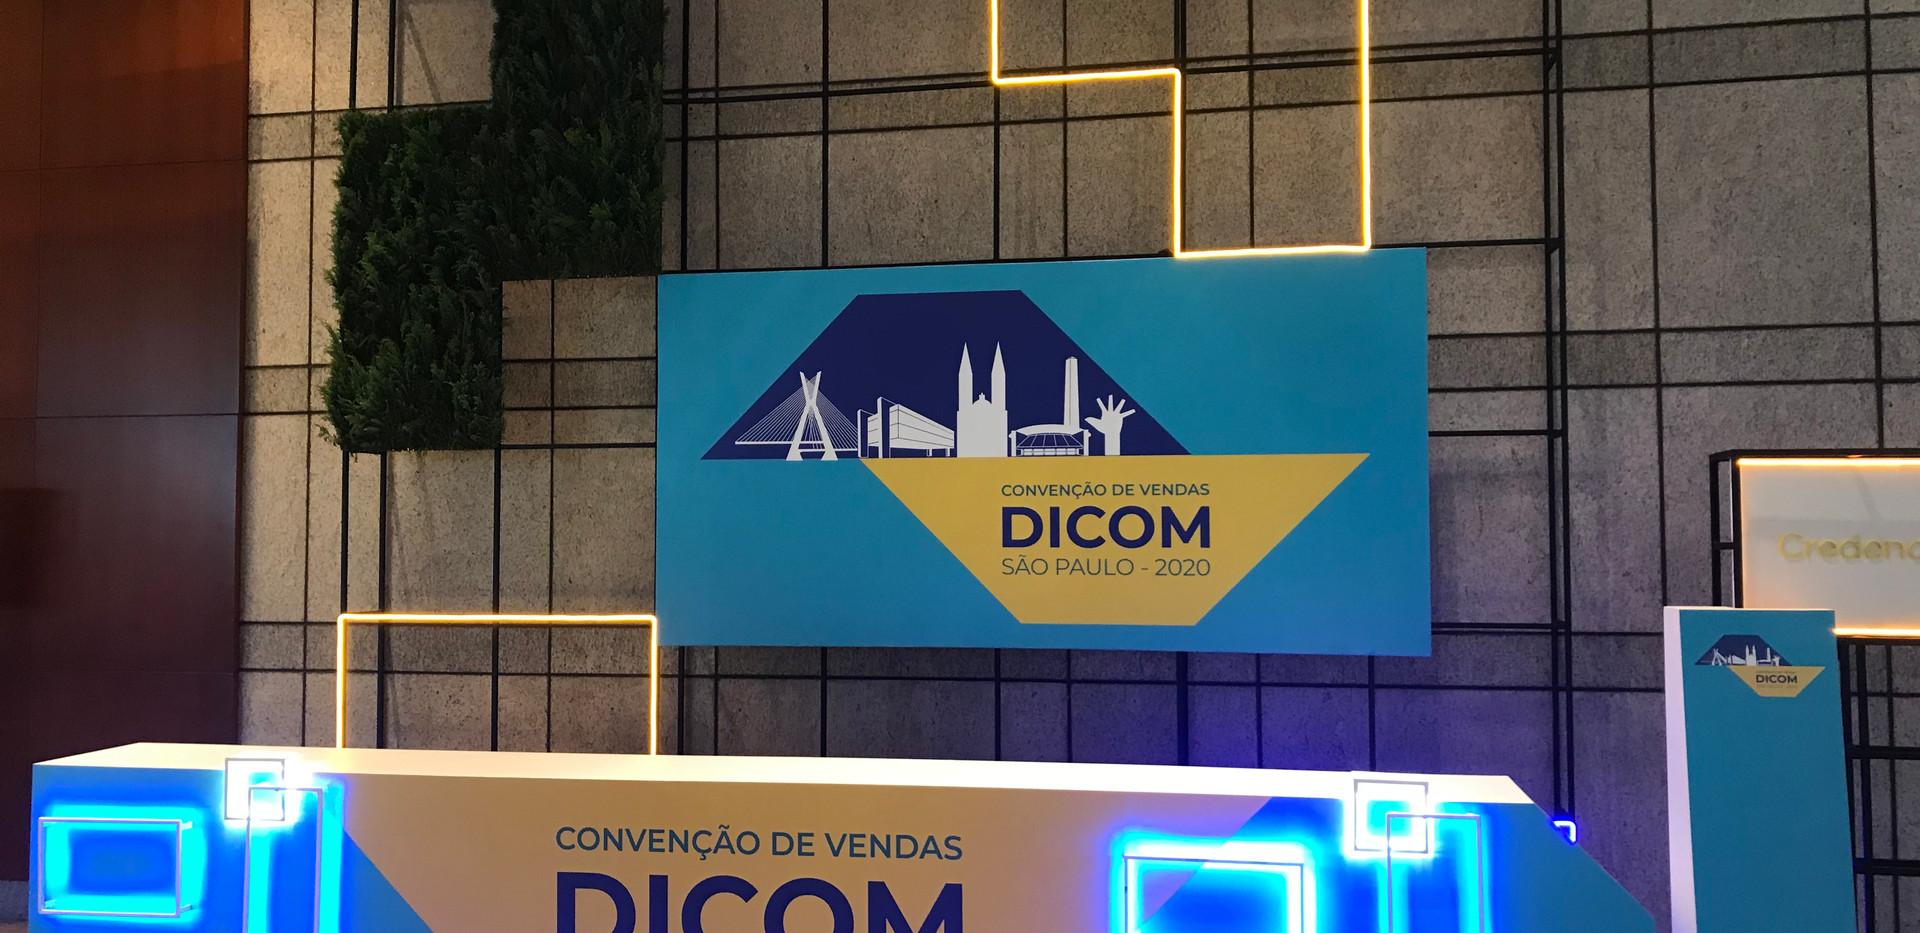 Evento_Dicom_BrasilPrev_Credenciamento